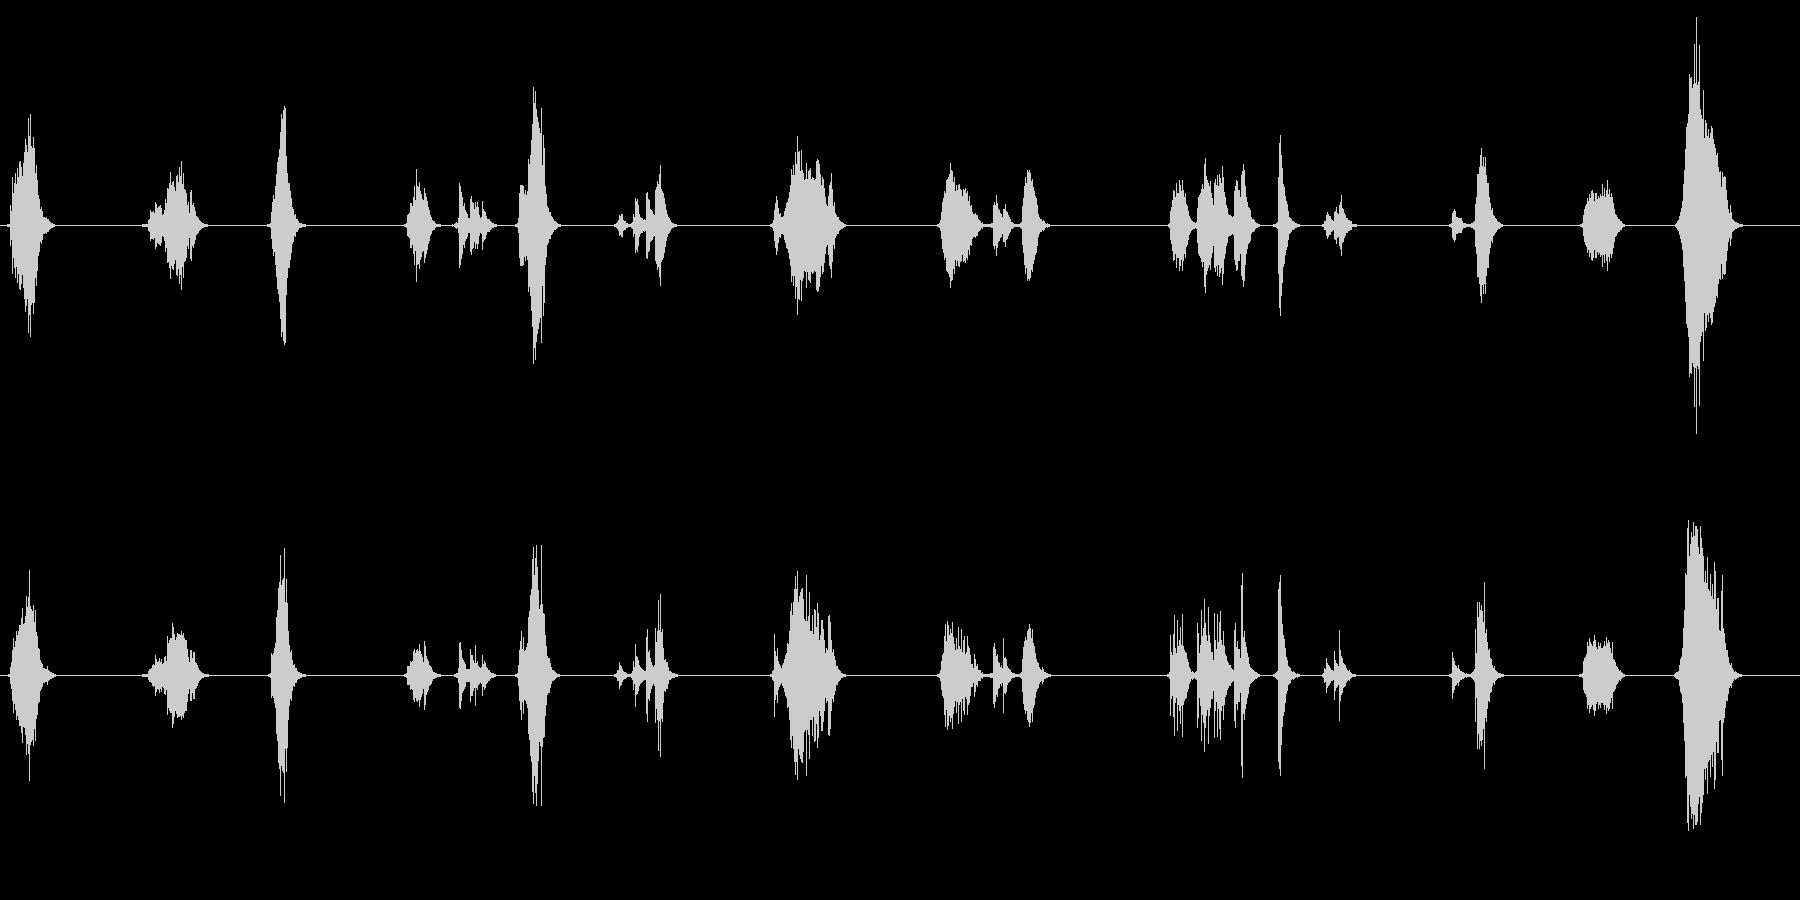 軋む床を歩く音の未再生の波形